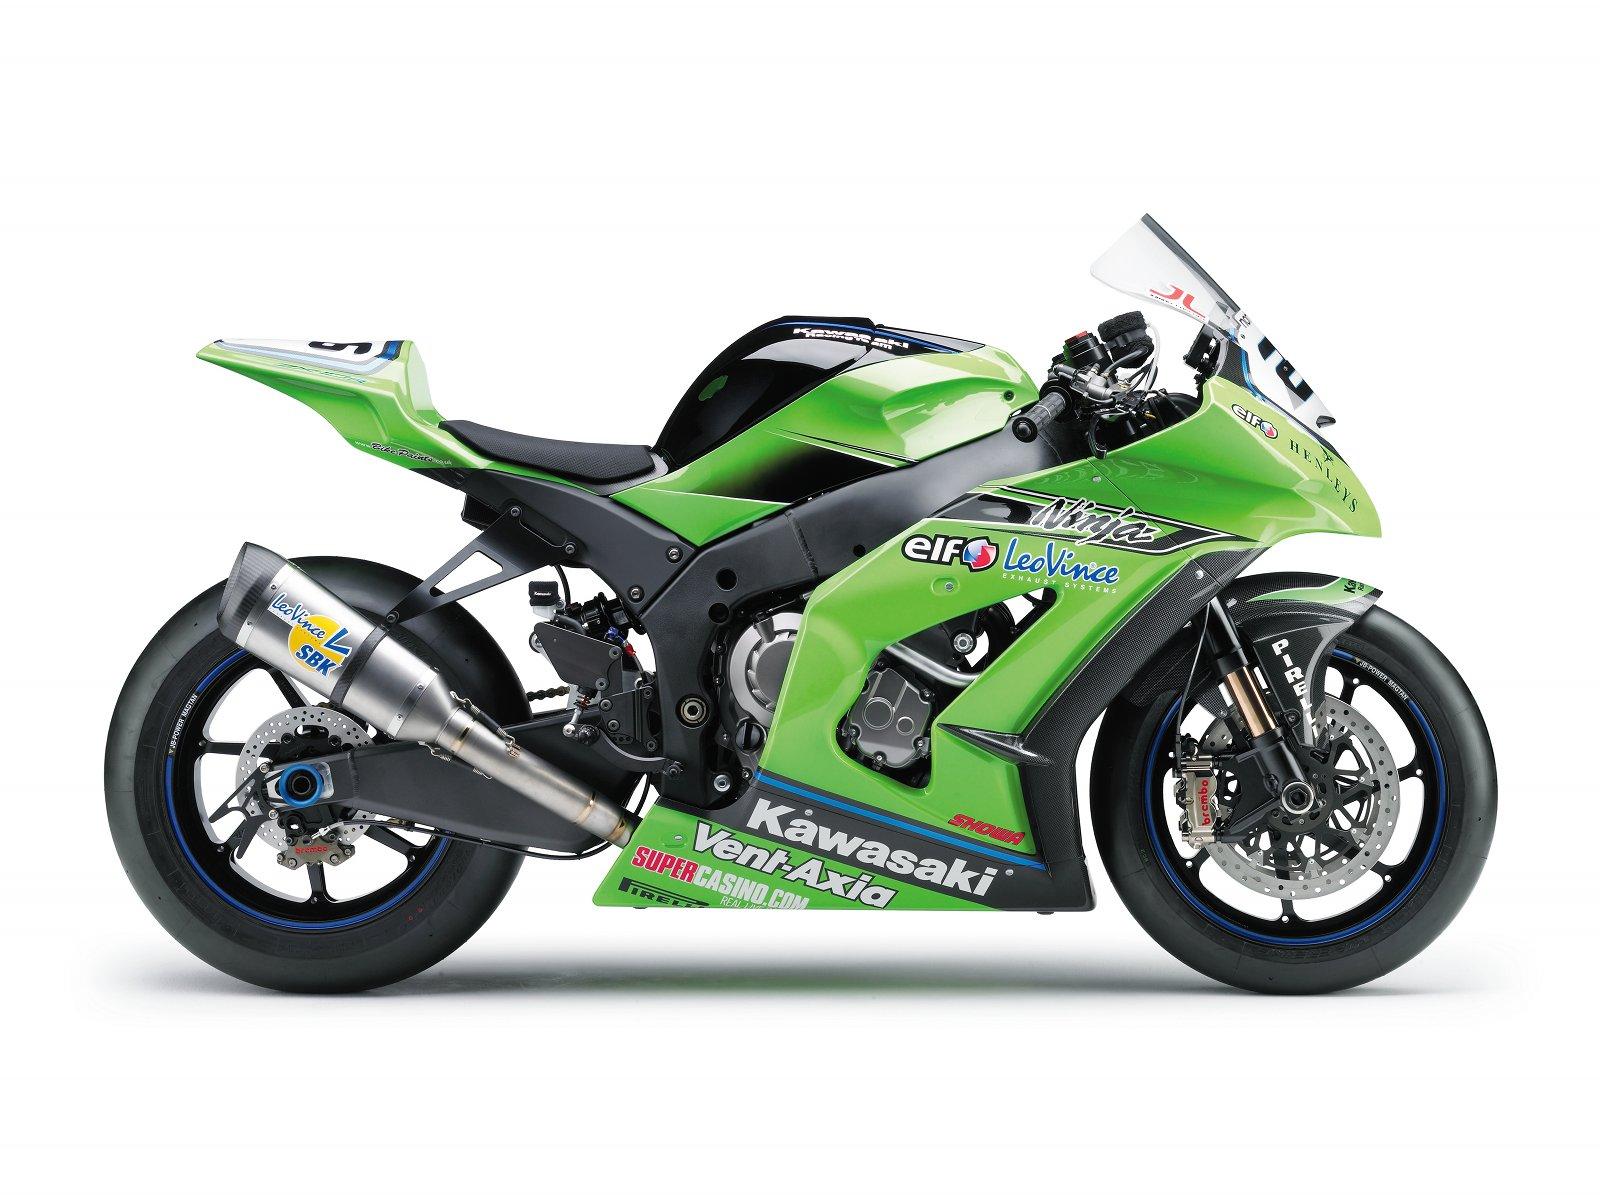 Kawasaki ZX10R 2011  - Page 5 4951545337_d0a4b1d87a_o